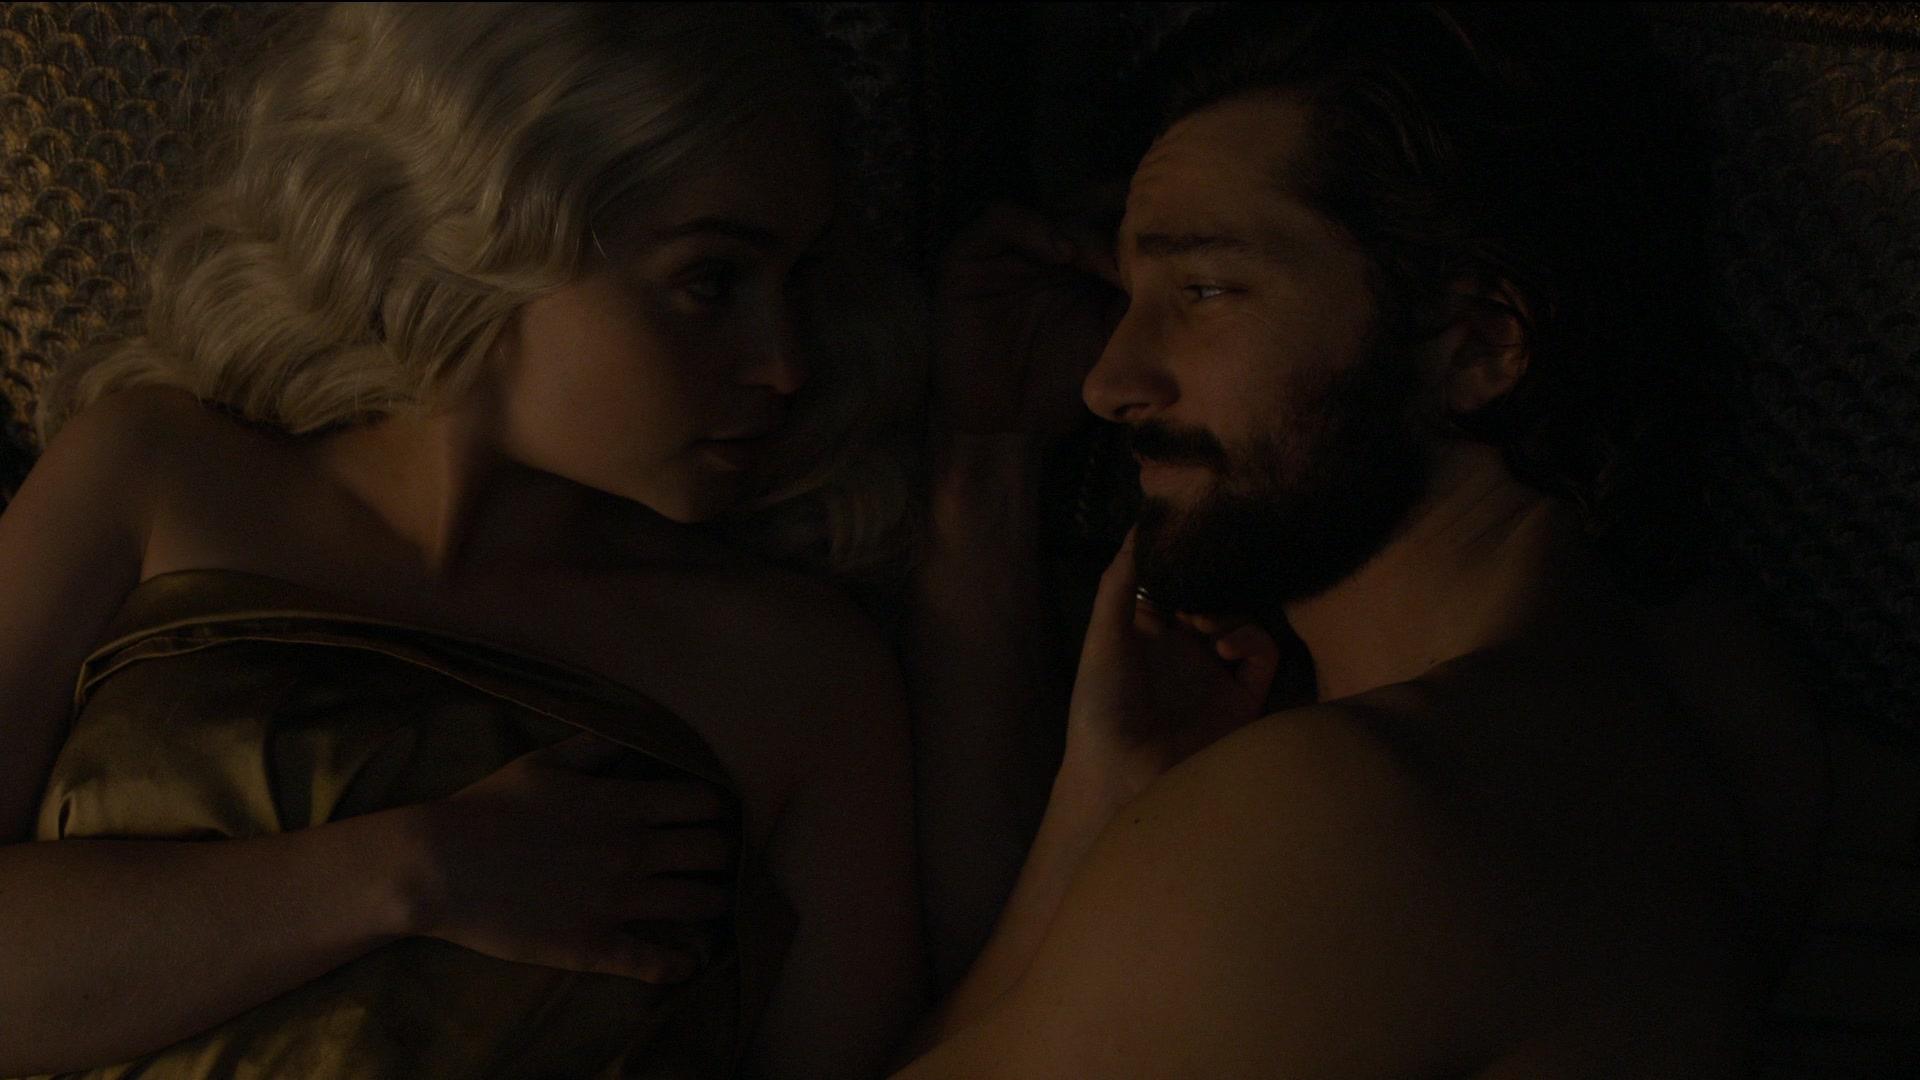 Принудили к сексу смотреть онлайн, Жестокое русское порно по принуждению в HD 9 фотография